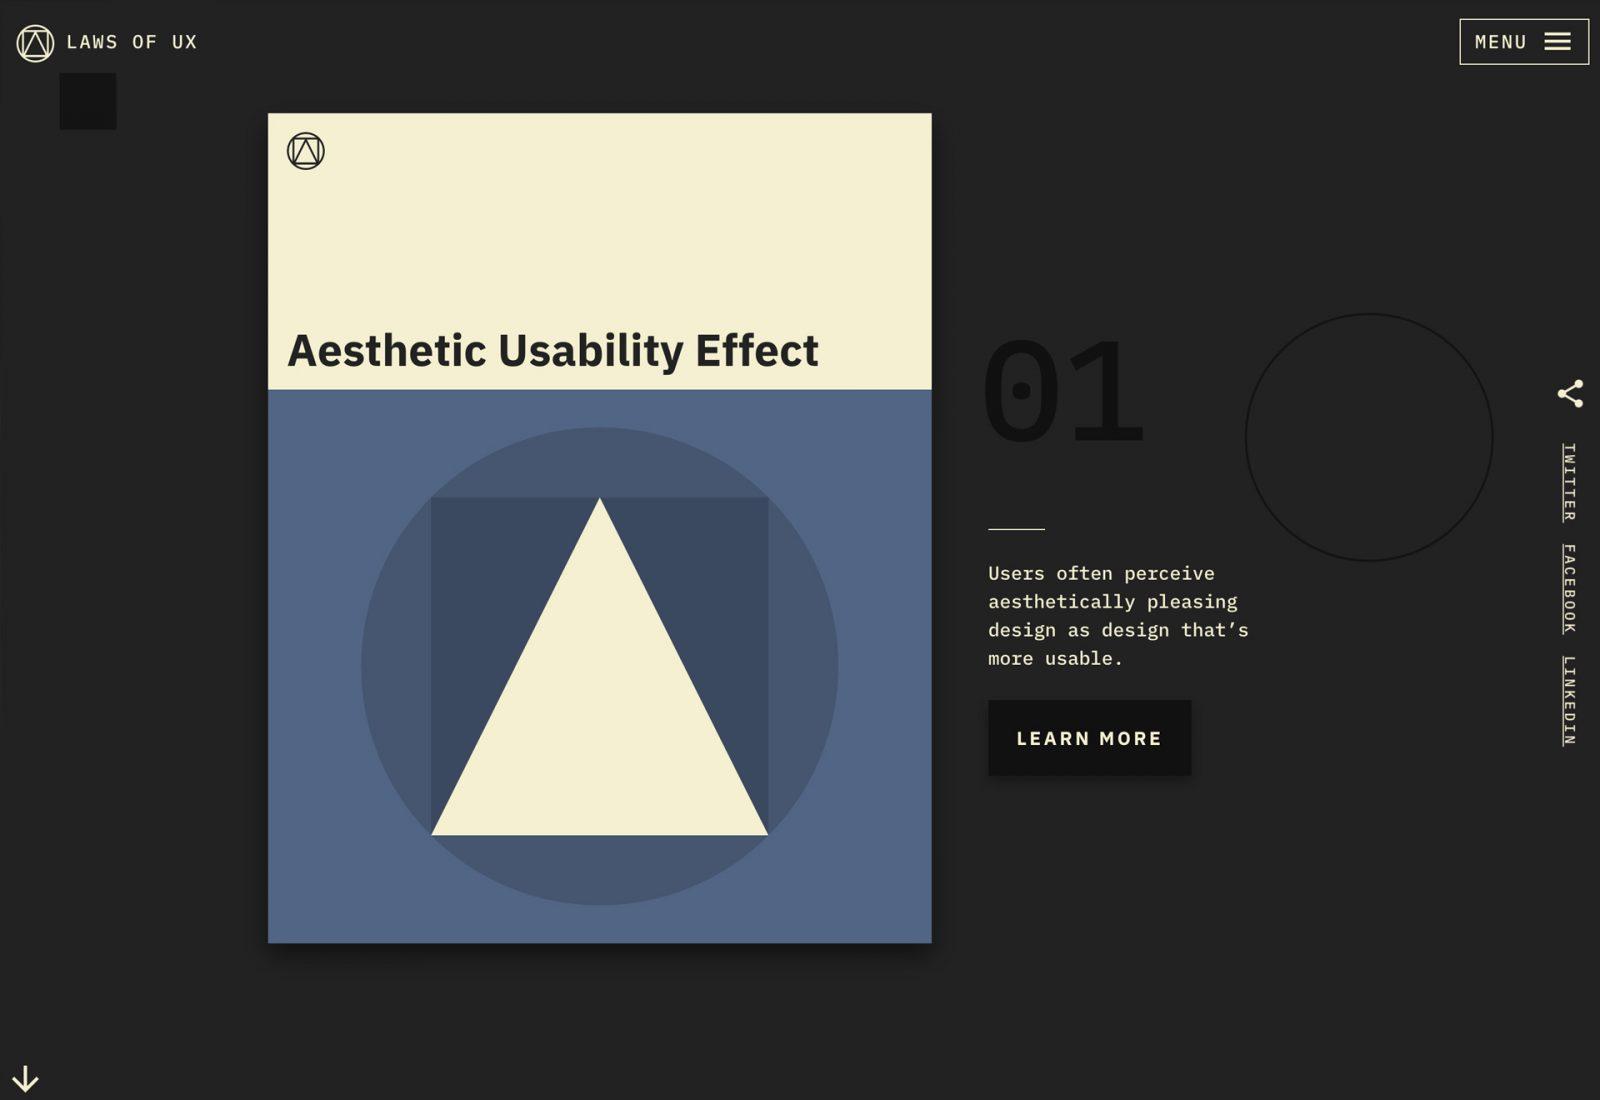 Laws of UX - web design by Jon Yablonski